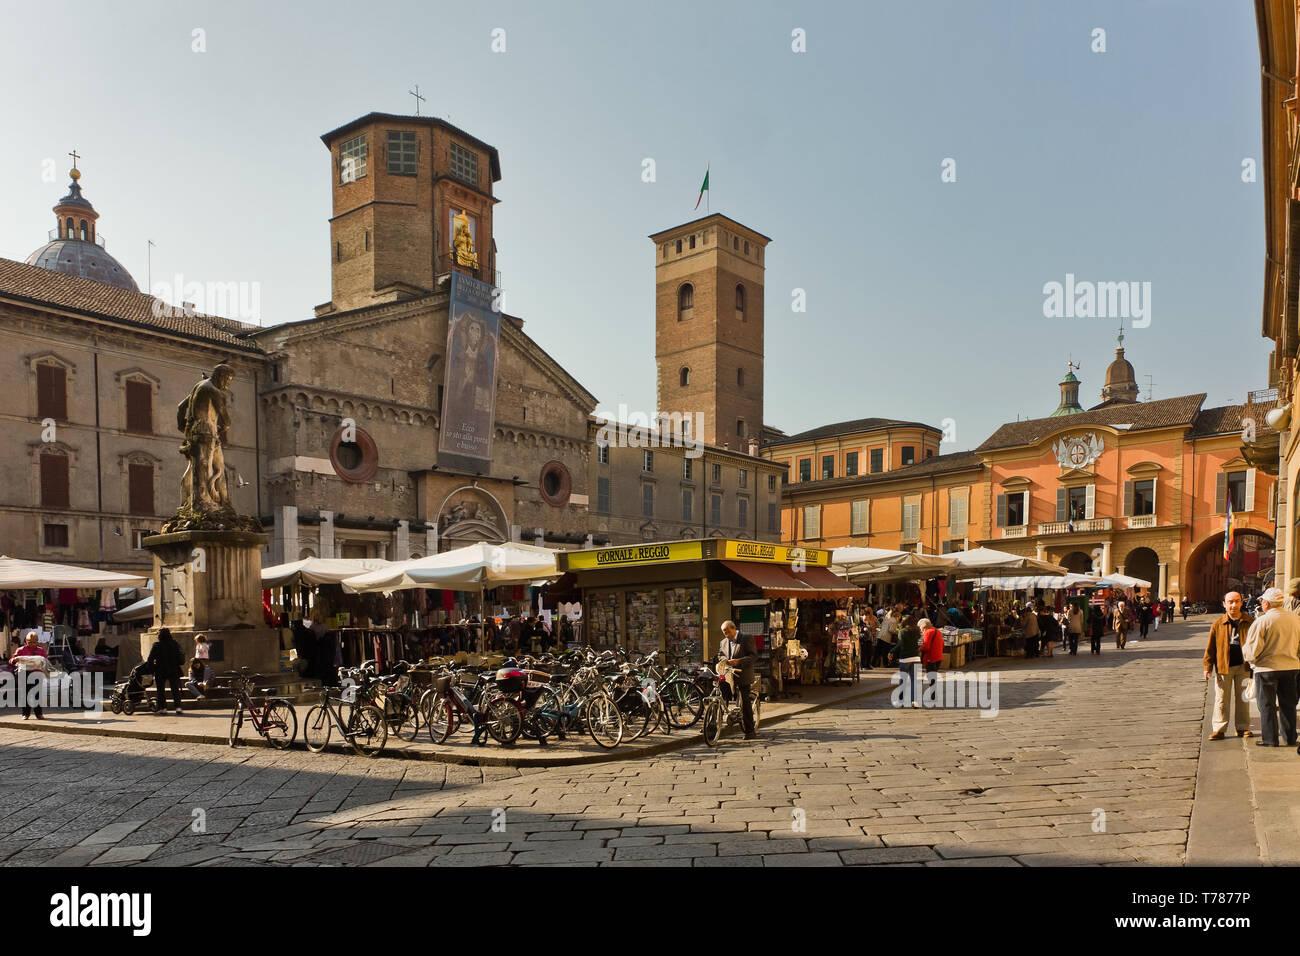 Reggio Emilia: Piazza Prampolini su cui si affacciano il Duomo, la Torre del Bordello  e il Palazzo del Comune. Bancarelle di mercato, edicola e bicic - Stock Image